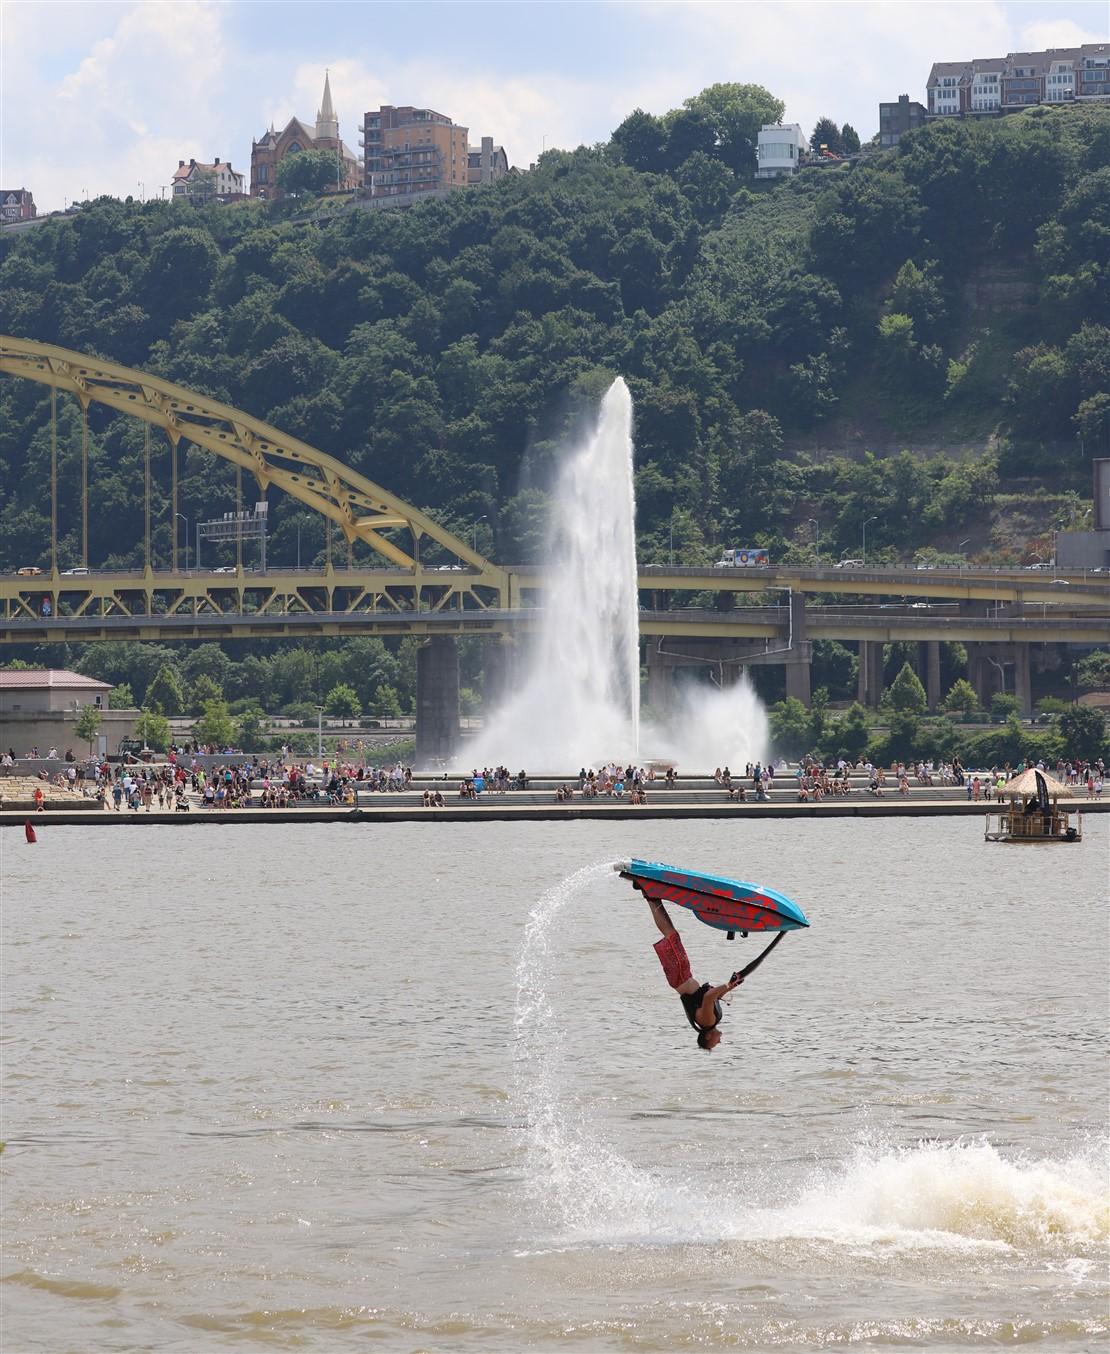 2018 08 04 175 Pittsburgh Three Rivers Regatta.jpg